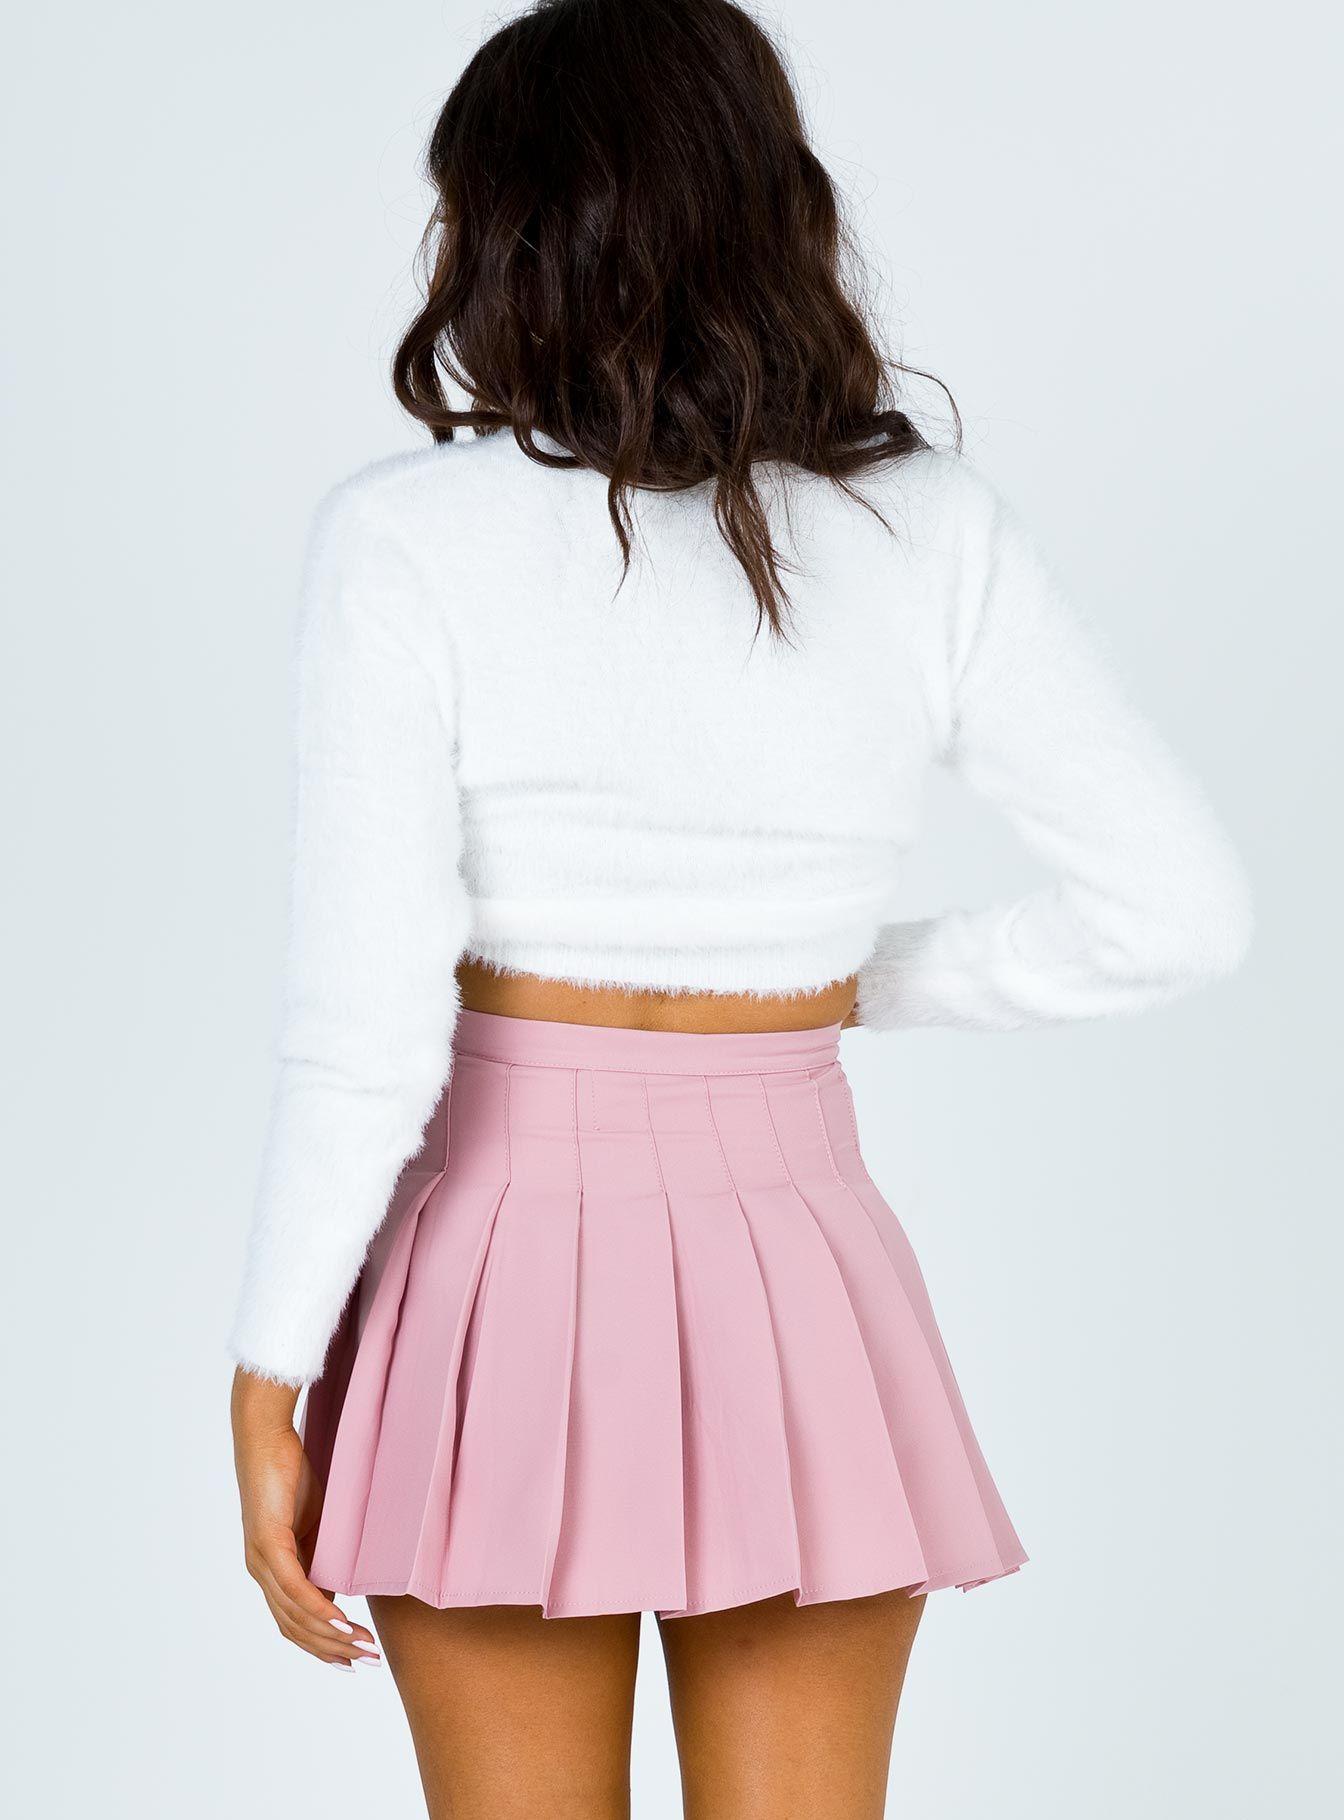 Tahls Mini Skirt Mini Skirts Pleated Mini Skirt Mini Black Dress [ 1820 x 1344 Pixel ]